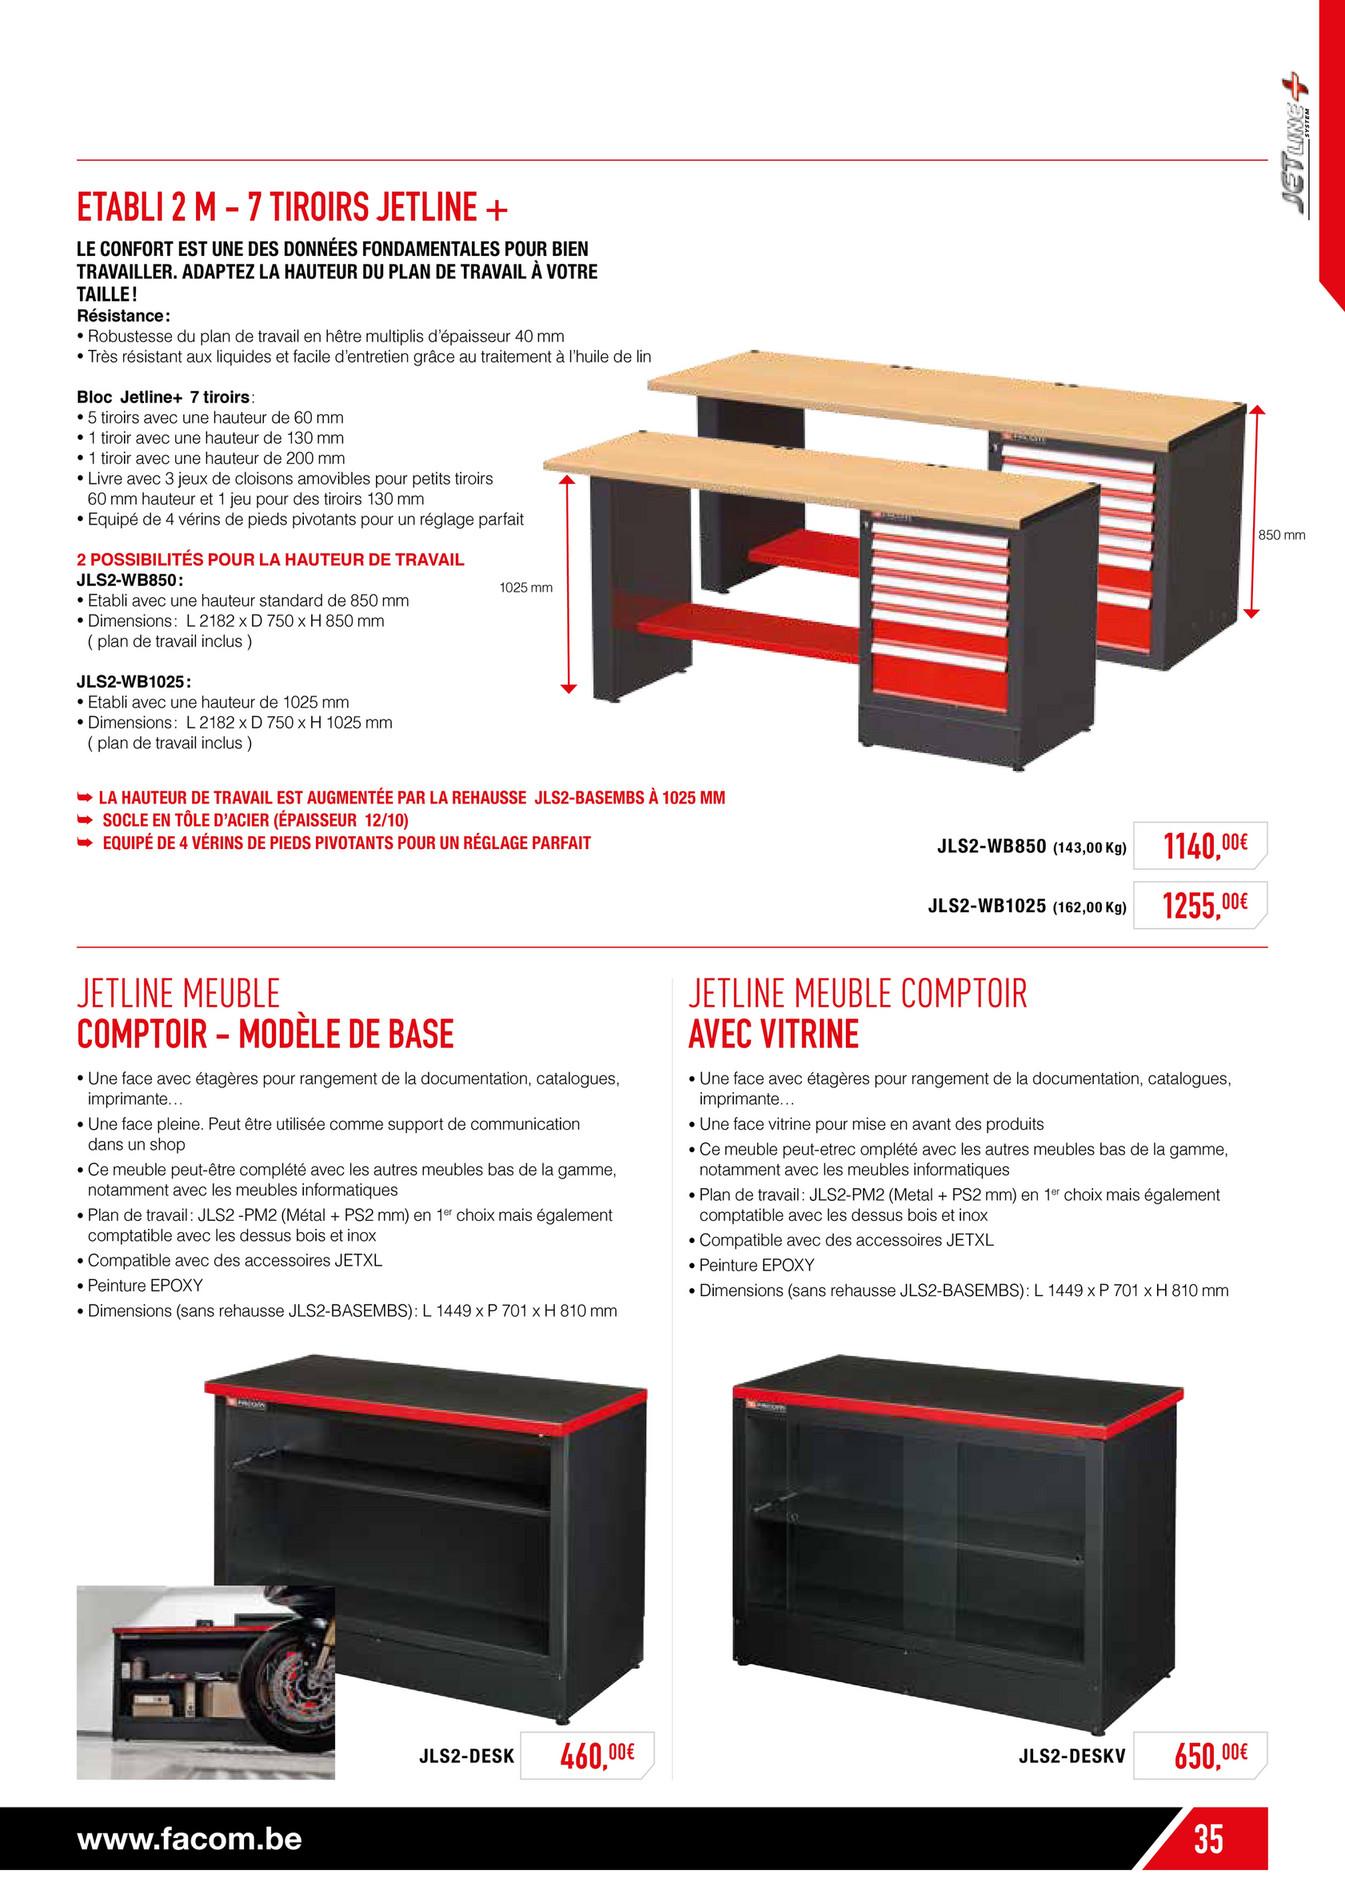 Hauteur standard comptoir with hauteur standard comptoir for Hauteur standard comptoir